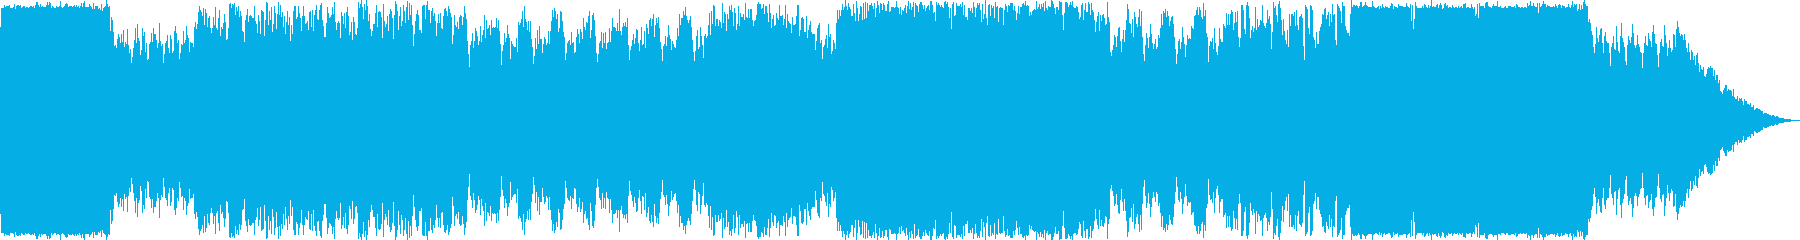 力強い戦闘楽曲の再生済みの波形